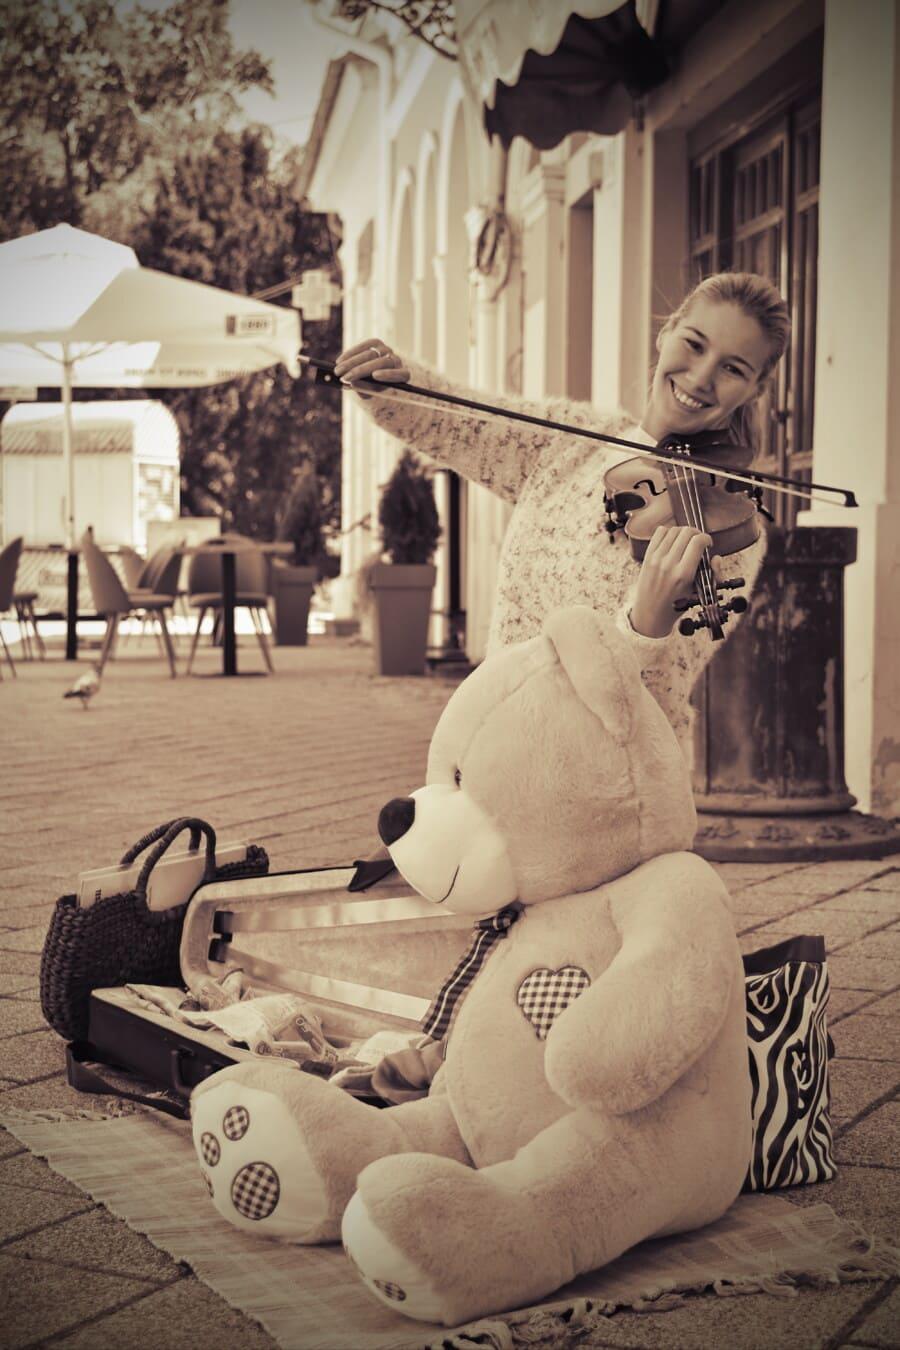 Straße, Musiker, Geige, hübsches mädchen, Teddybär Spielzeug, Nostalgie, Sepia, Menschen, Musik, Instrument